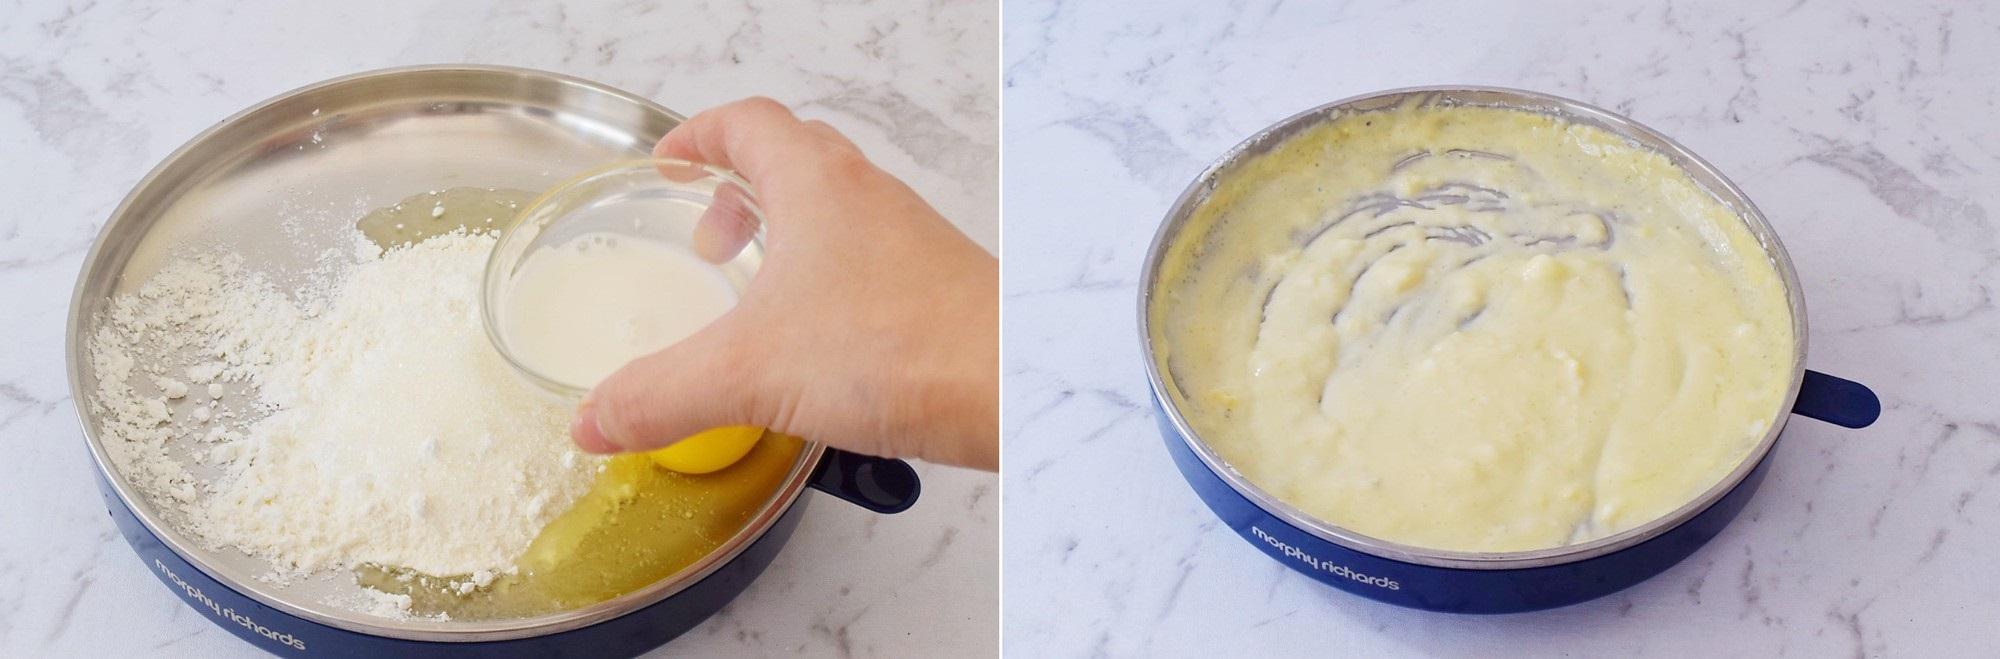 Biến tấu mới cho món bánh ngô nóng hổi thơm ngon ai cũng thích - Ảnh 3